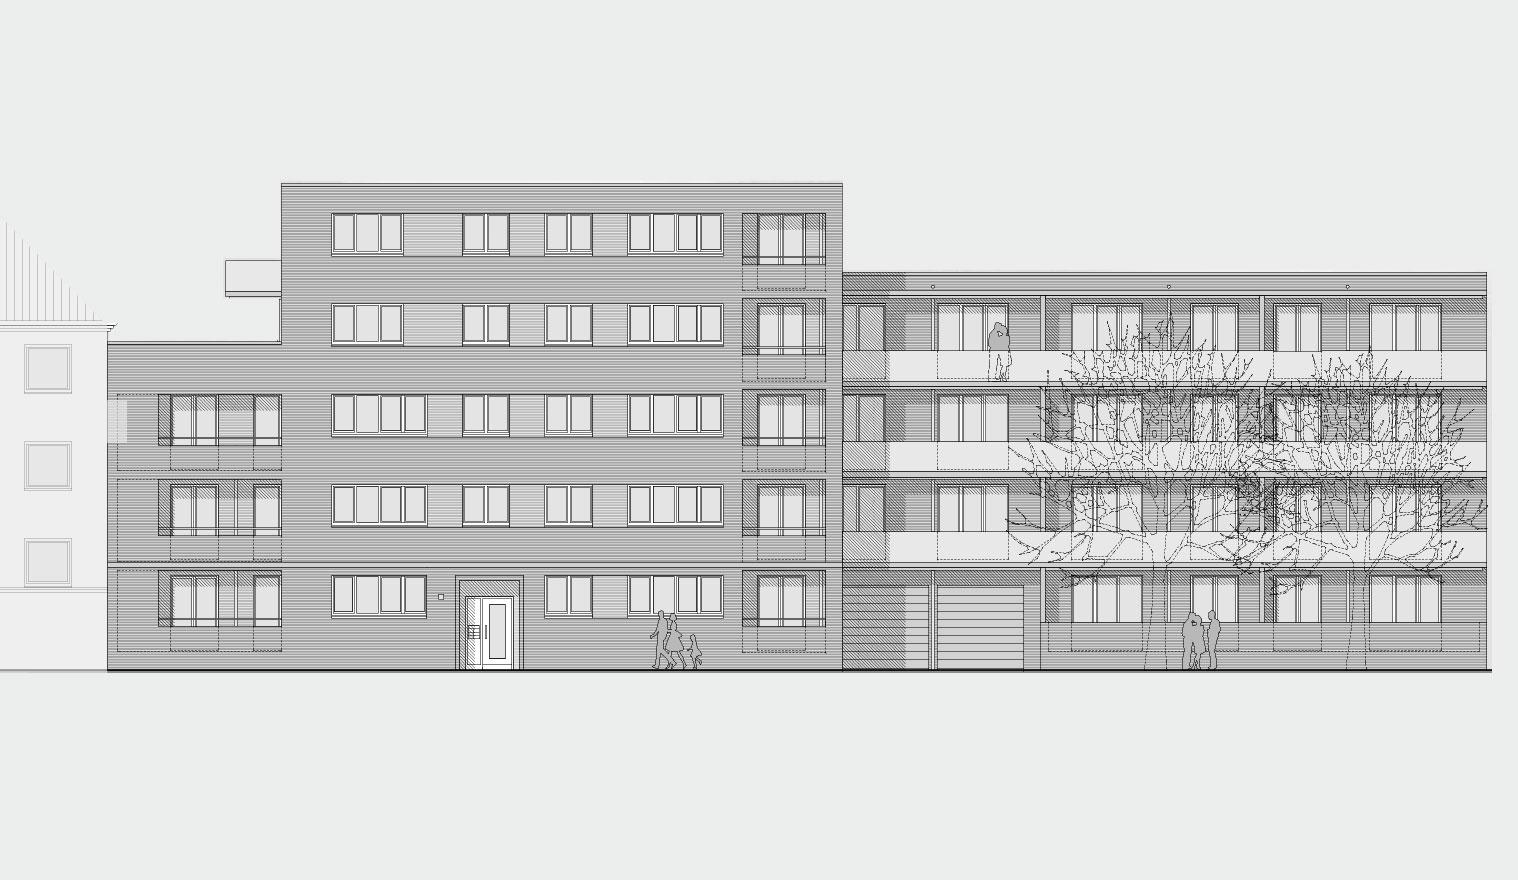 Architekturzeichnung - Diese Zeichnung zeigt ein Bauprojekt für Kapitalanleger in Hamburg Altona - Kühnehöfe